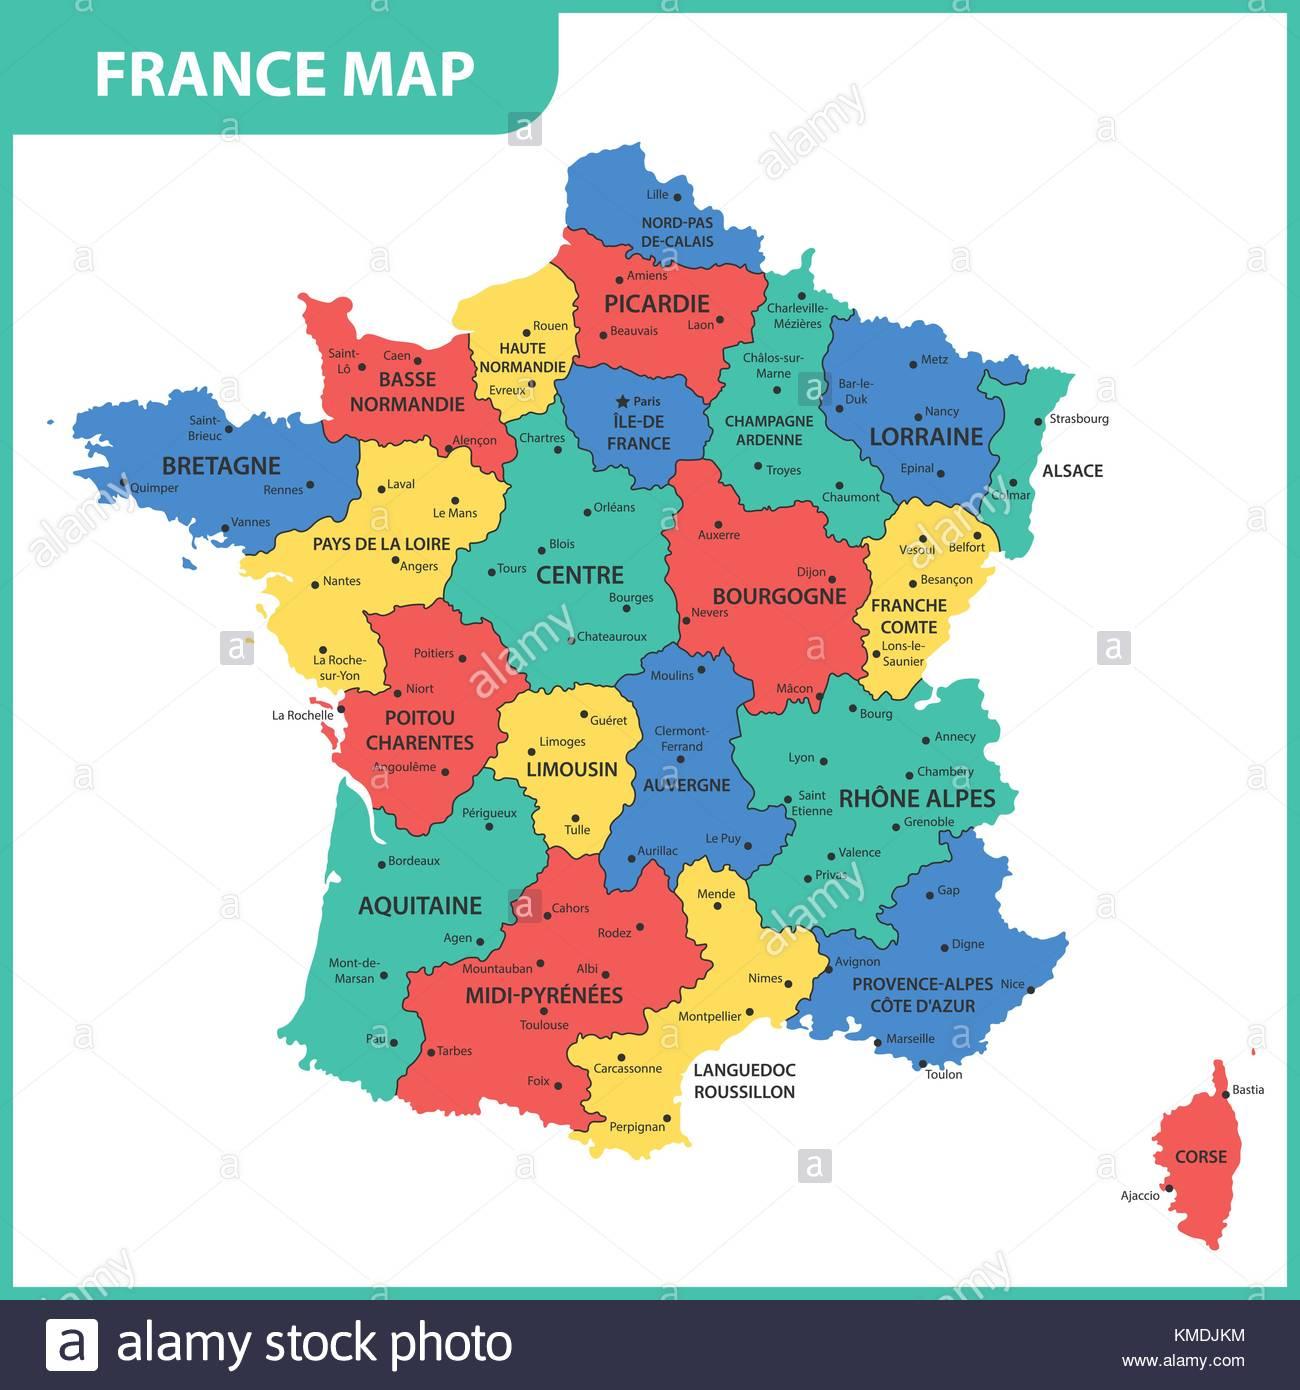 La Carte Détaillée De La France Avec Les Régions Ou États Et pour Carte De France Détaillée Avec Les Villes